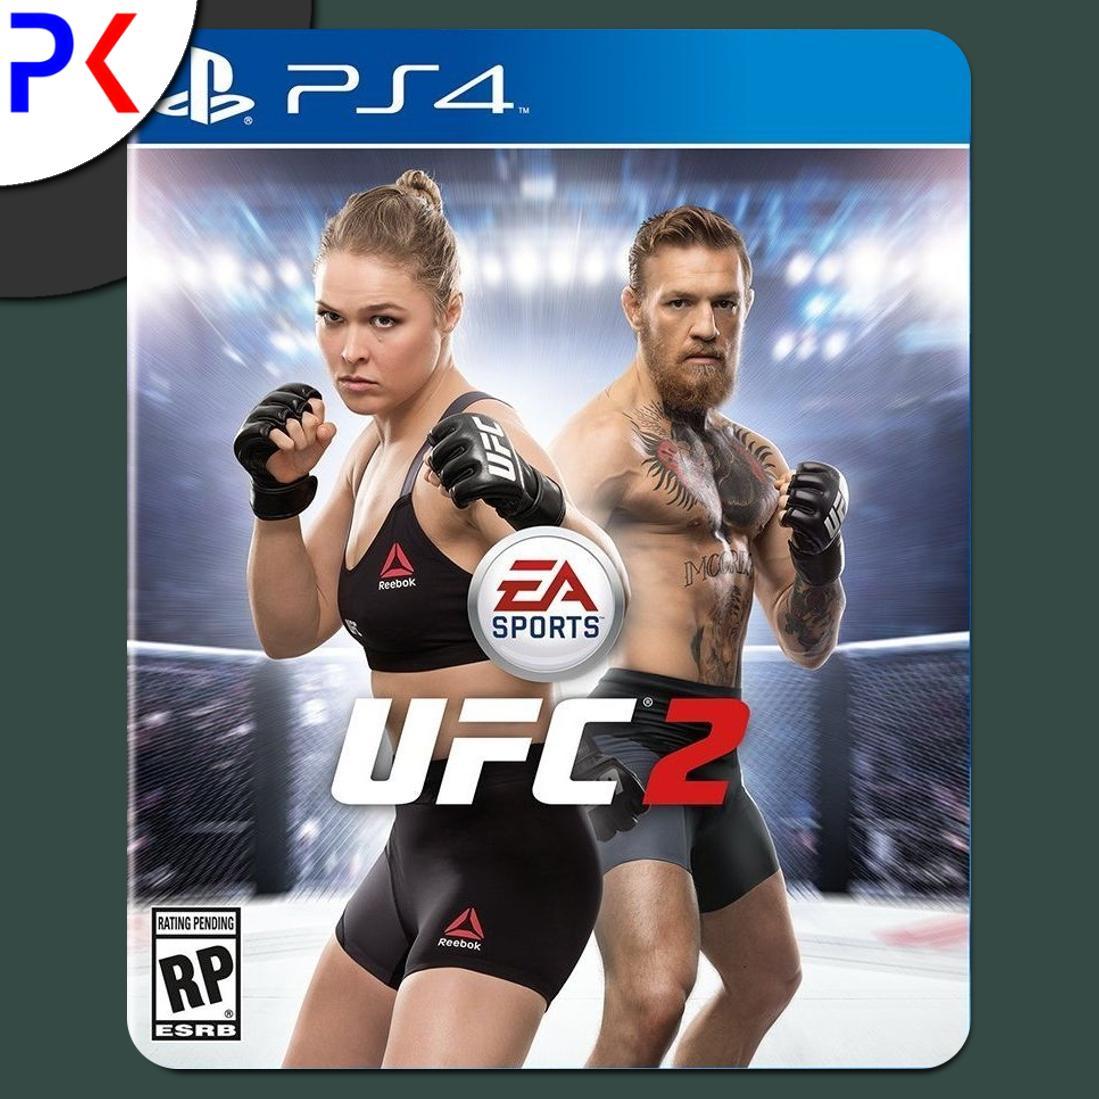 PS4 EA Sports UFC 2 (R3)